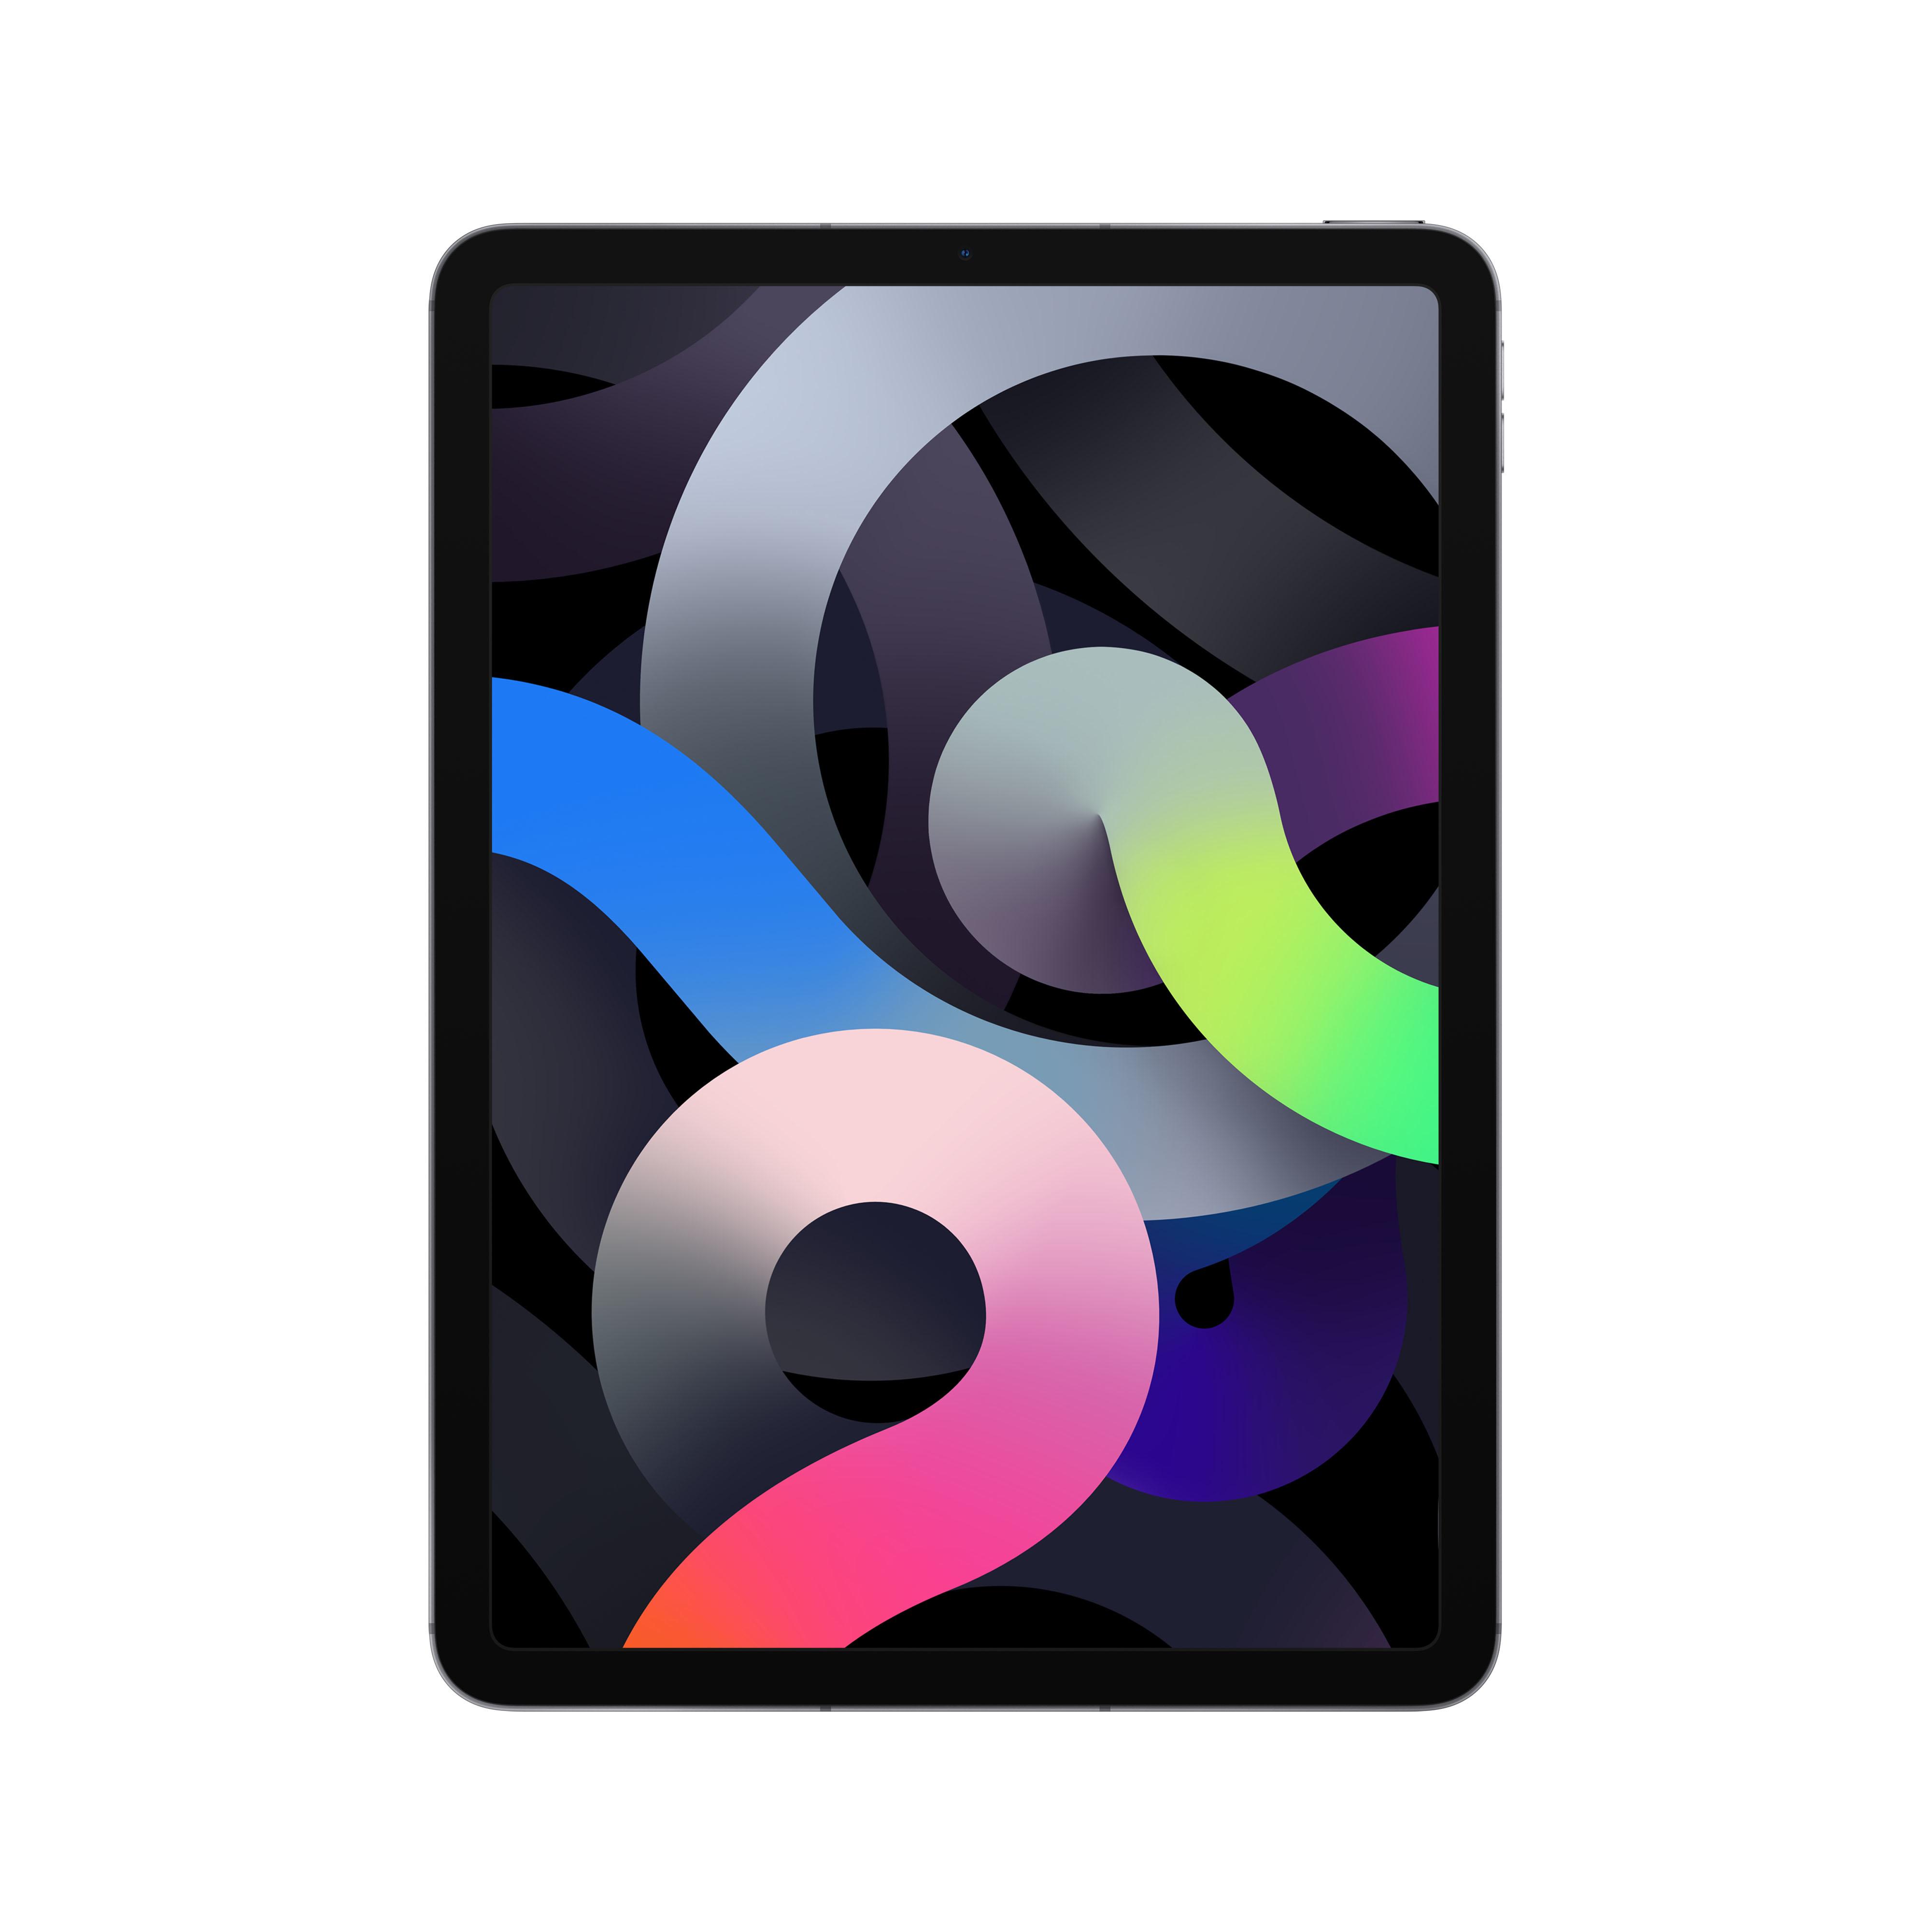 Apple - 10.9-inch iPad Air Wi-Fi + Cellular 64GB - Space Grey Mygw2ty/a